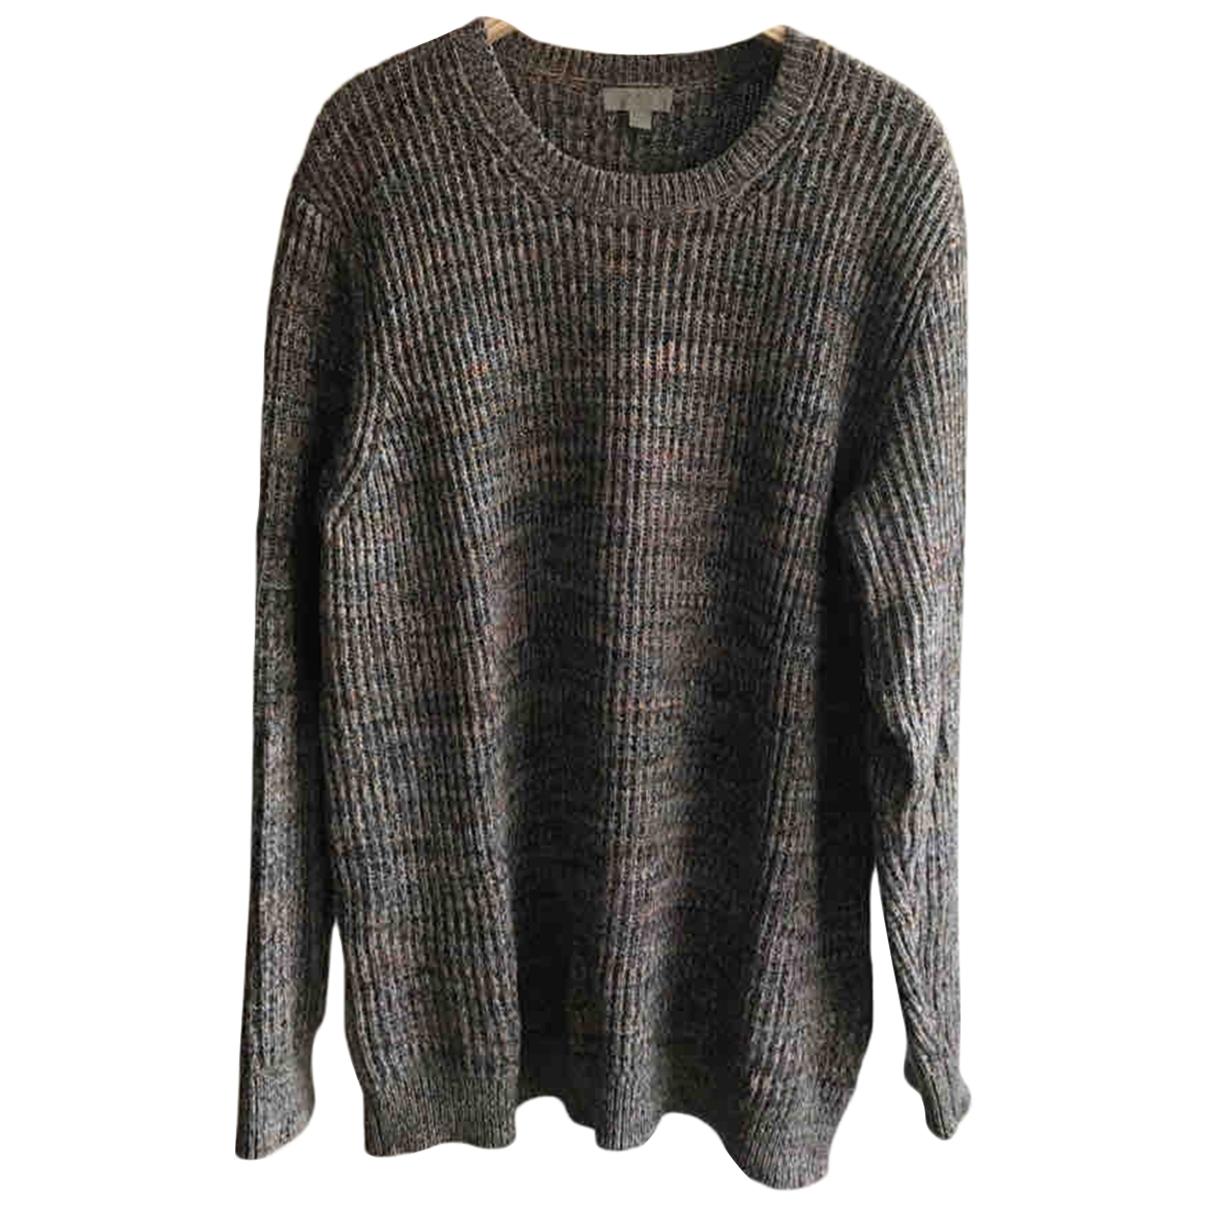 Cos \N Multicolour Wool Knitwear & Sweatshirts for Men L International